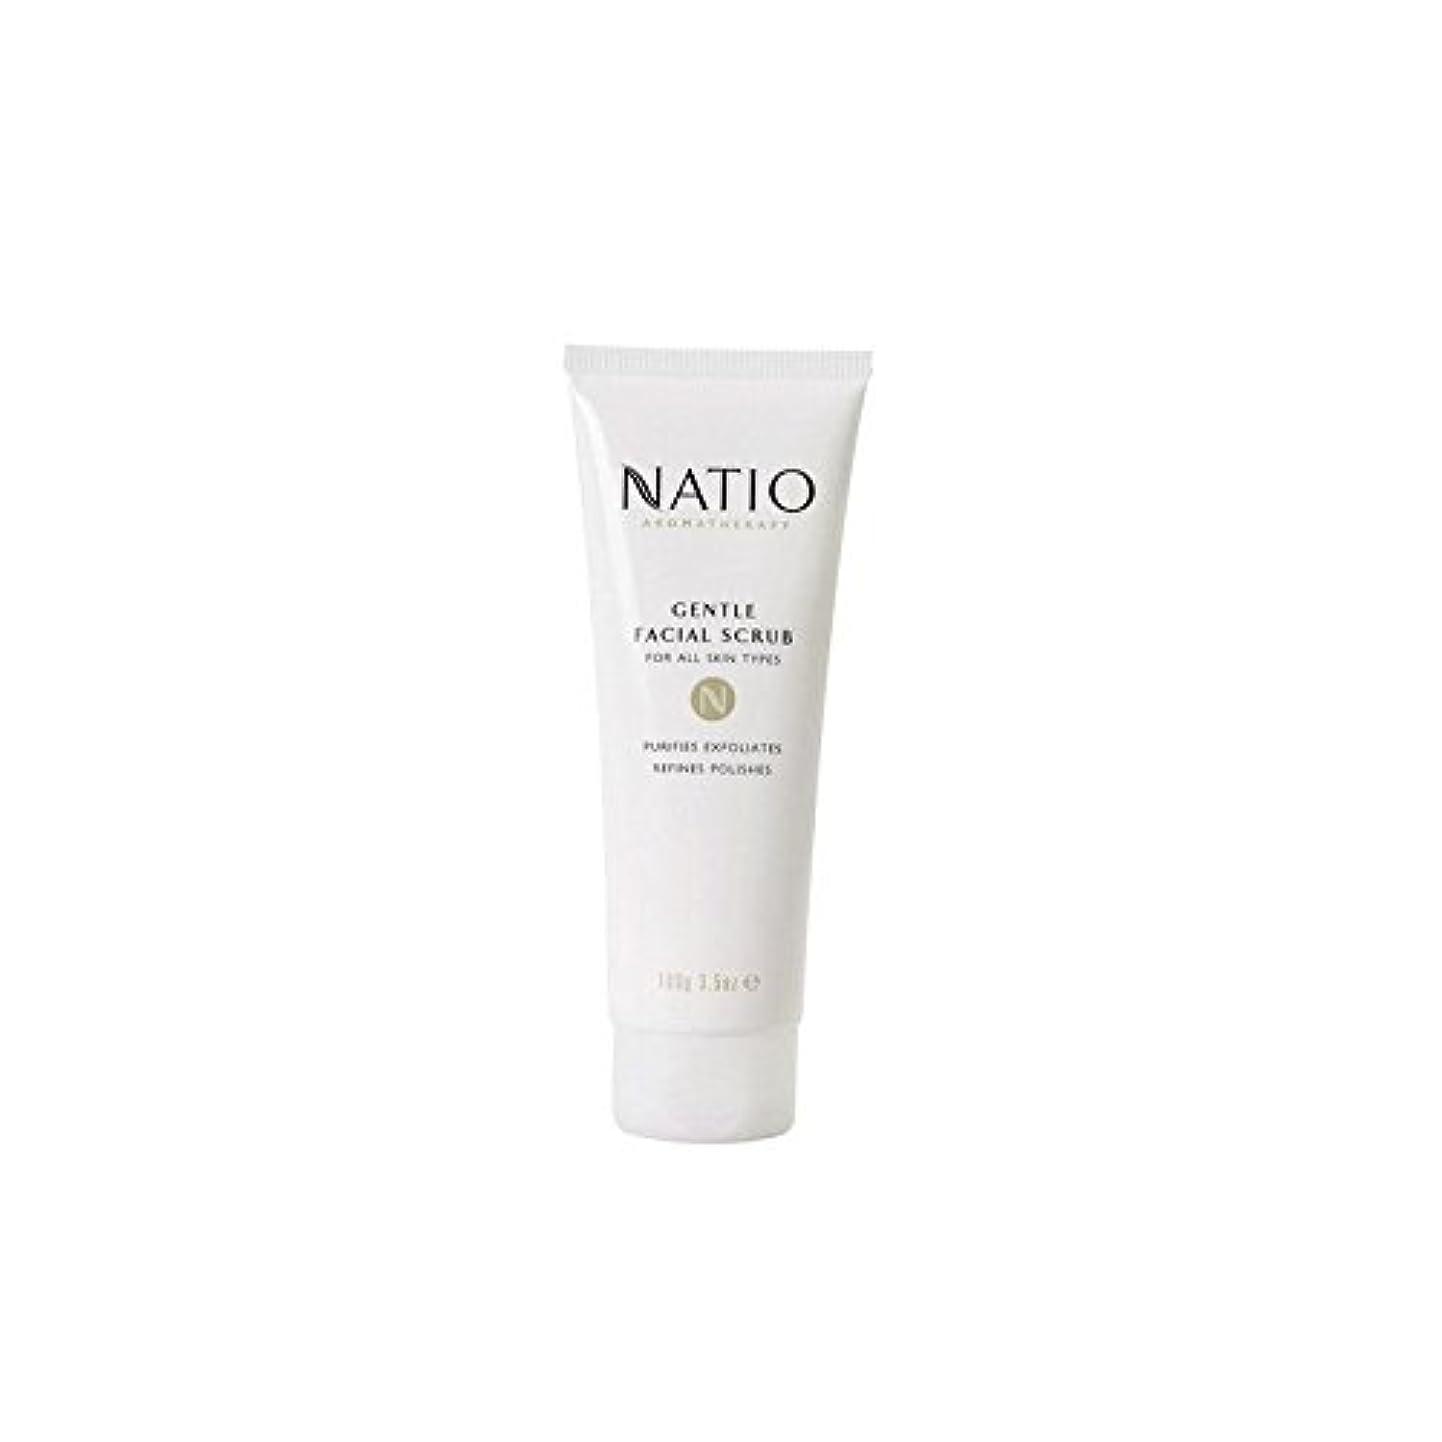 やろう捕虜バナナ優しいフェイシャルスクラブ(100グラム) x2 - Natio Gentle Facial Scrub (100G) (Pack of 2) [並行輸入品]